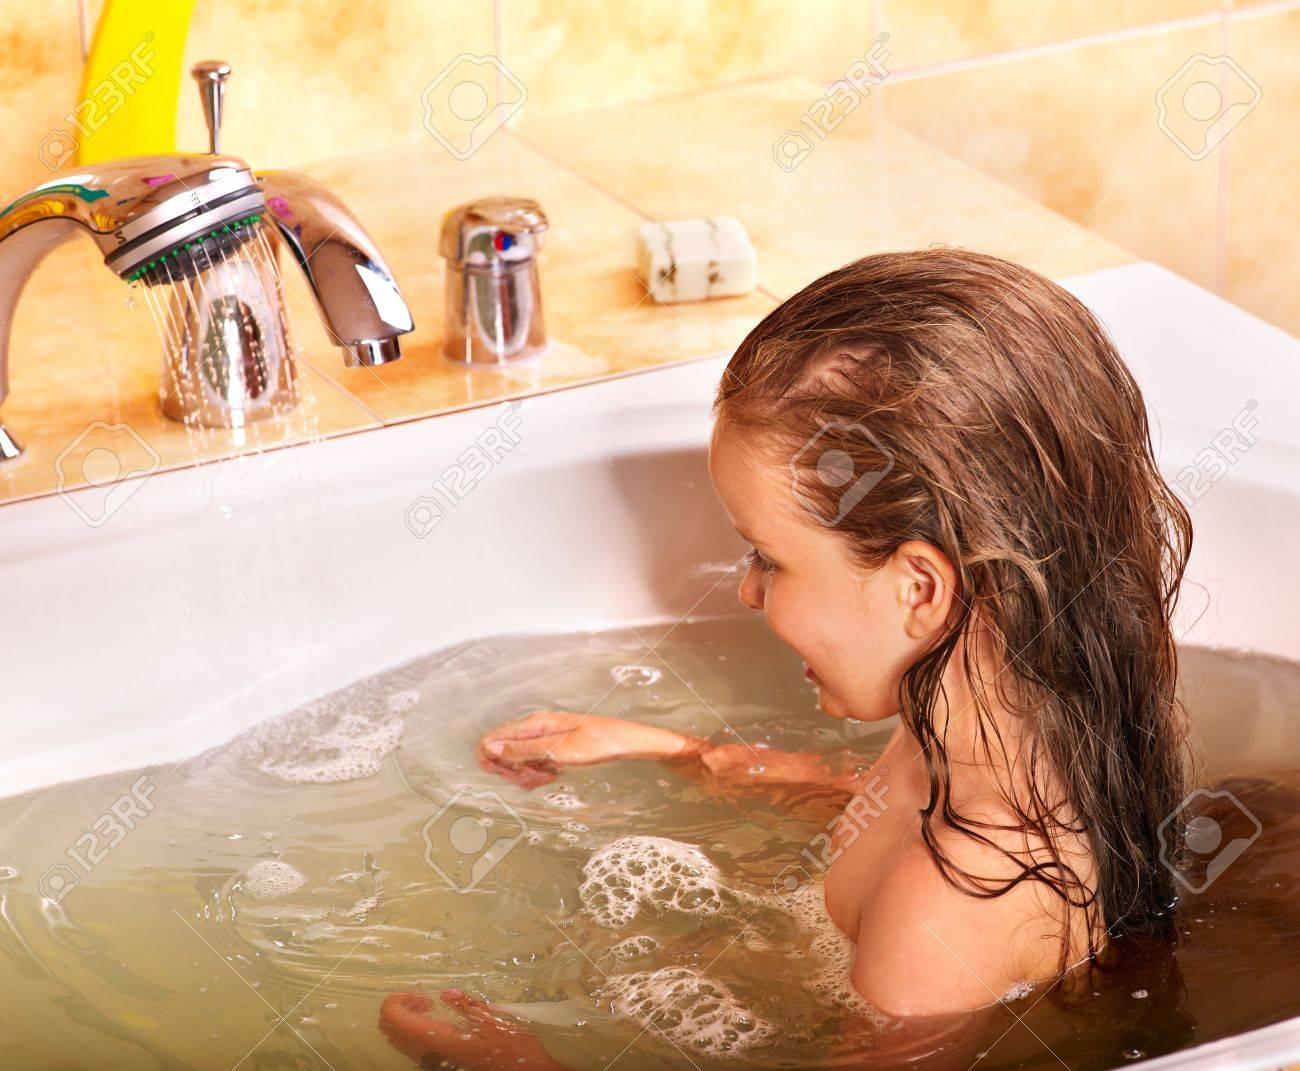 Смотреть бесплатно в онлайне как моются женщины, Эротика и порно, снятые в бане или в сауне смотреть 16 фотография